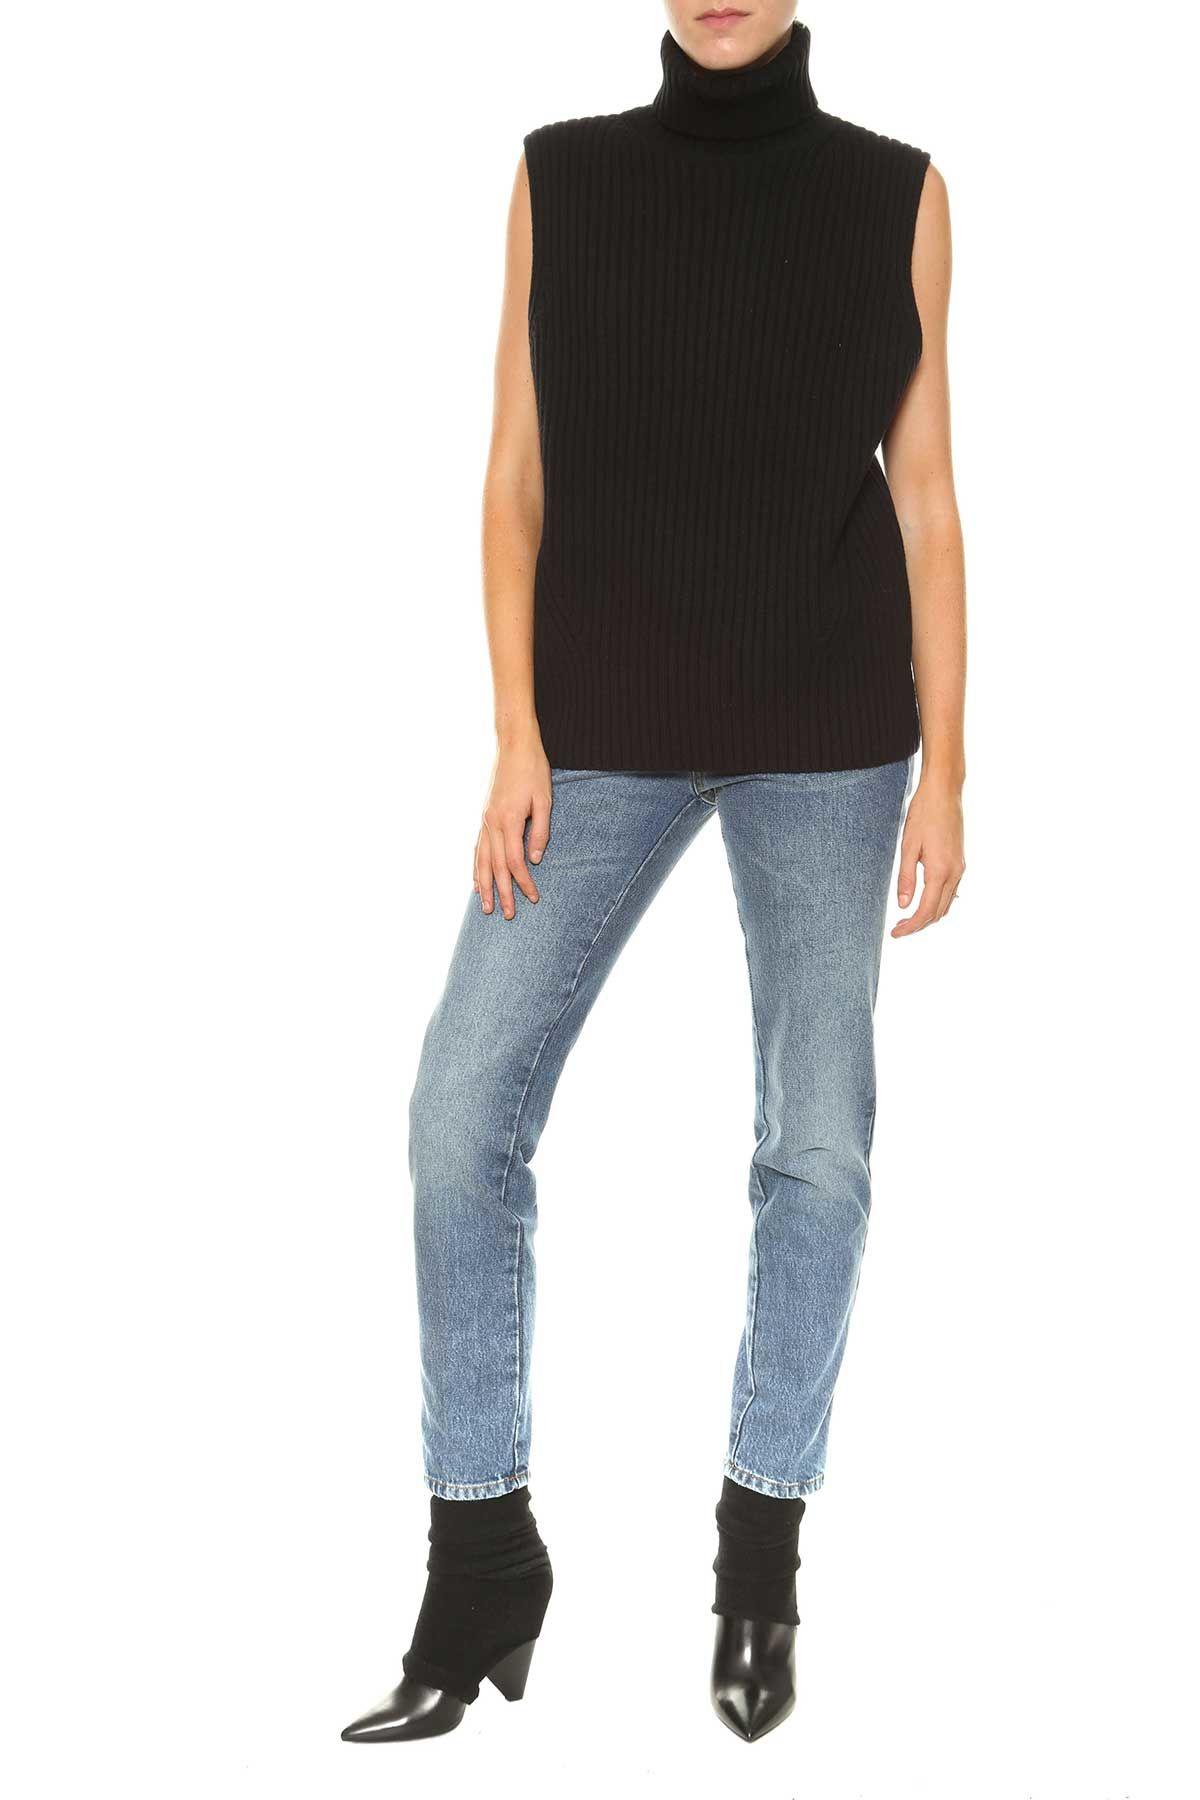 Dries Van Noten Dries Van Noten Skinny Jeans